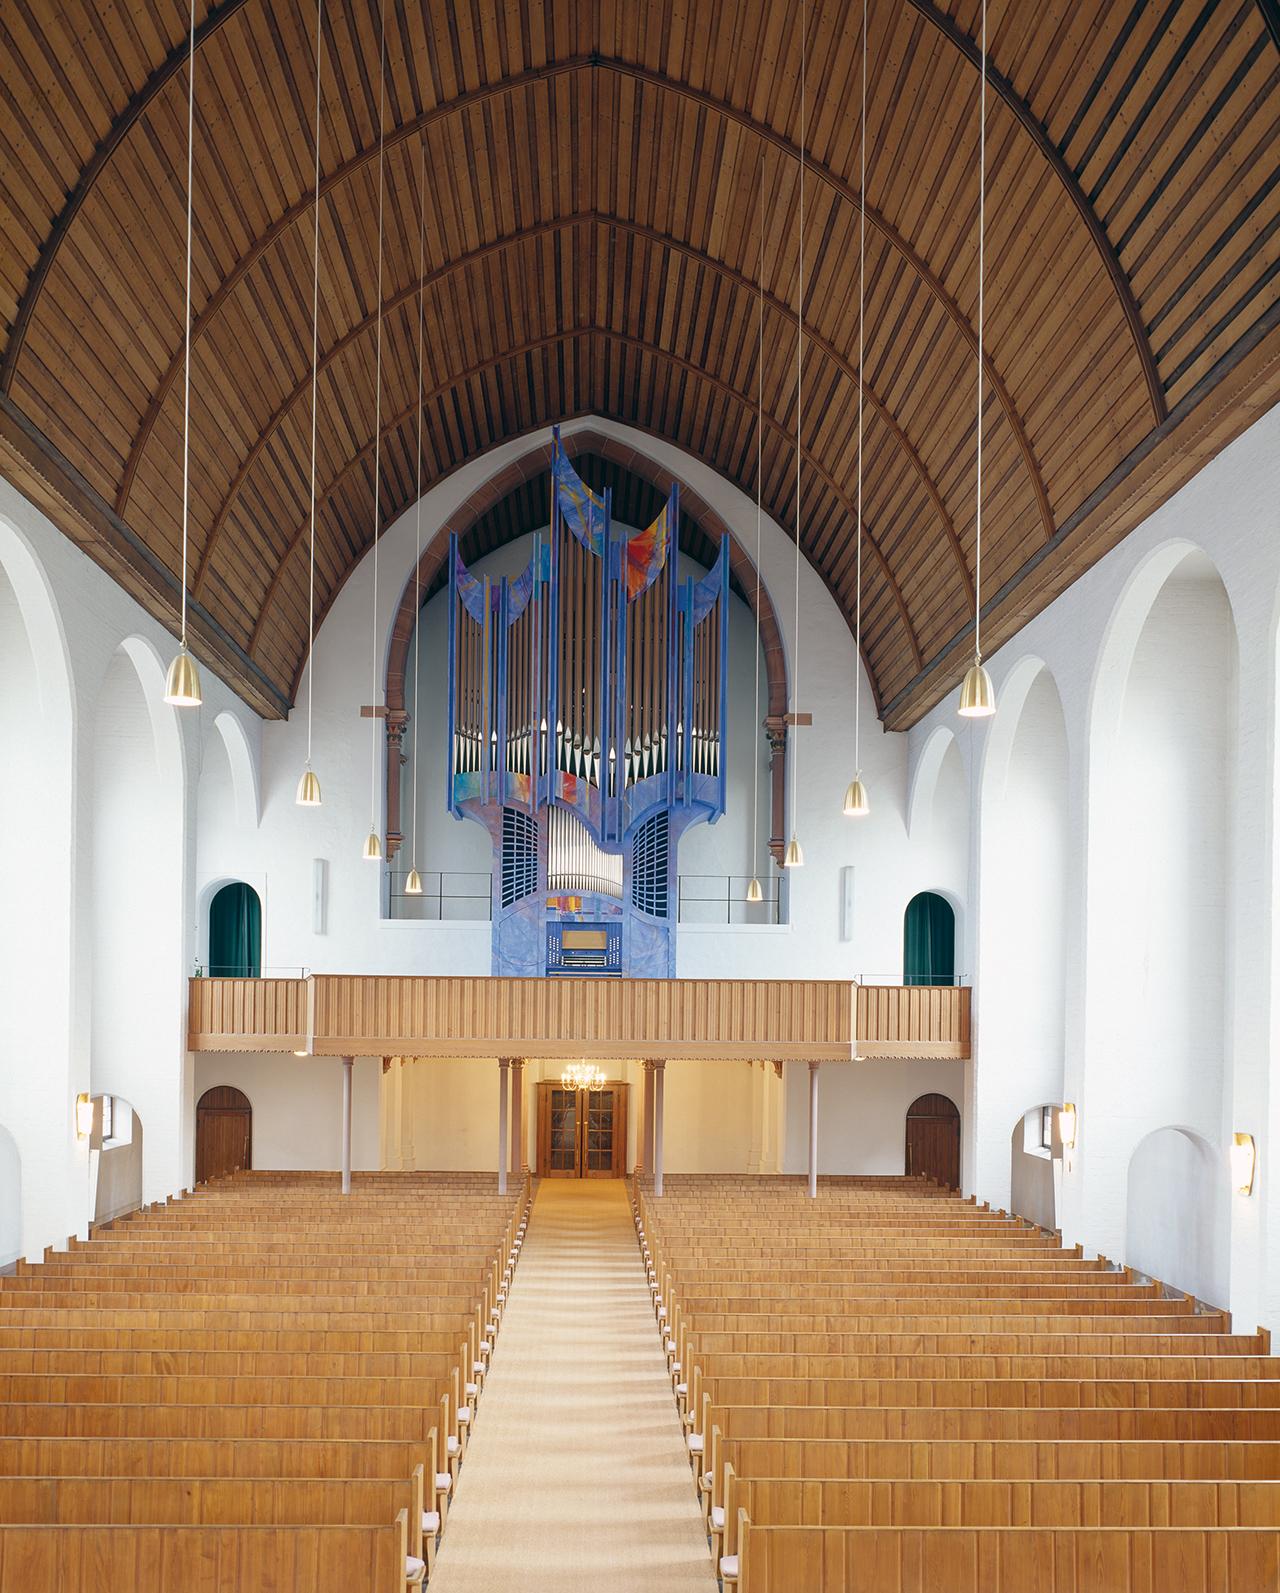 Farbgestaltung Orgelprospekt Domkirche Lampertheim 2005